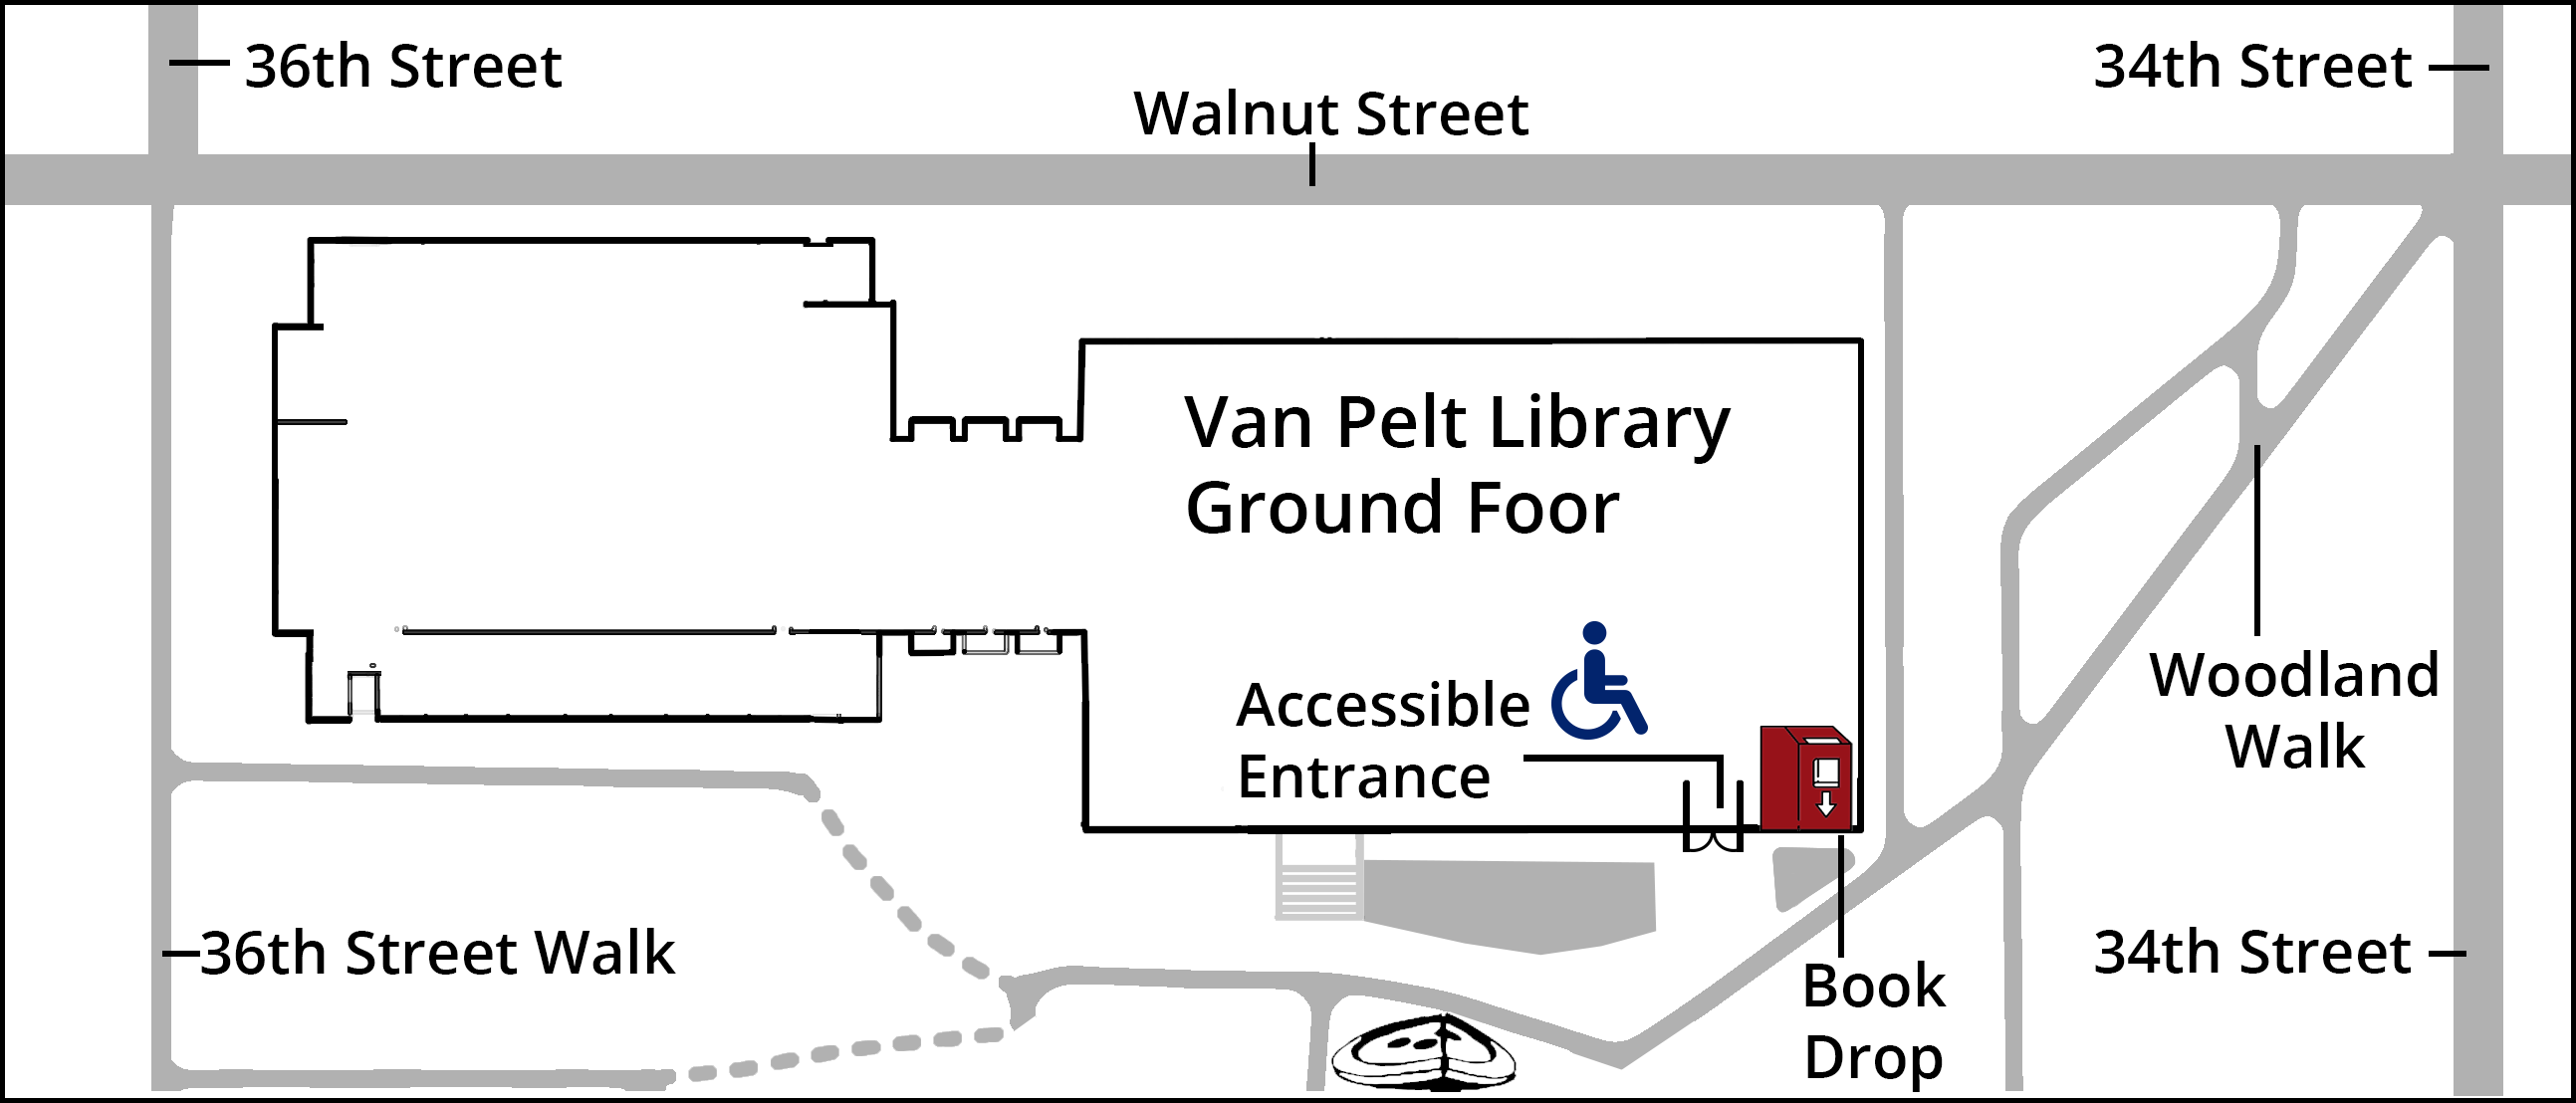 Van Pelt Book Drop and Accessible Entrance Map